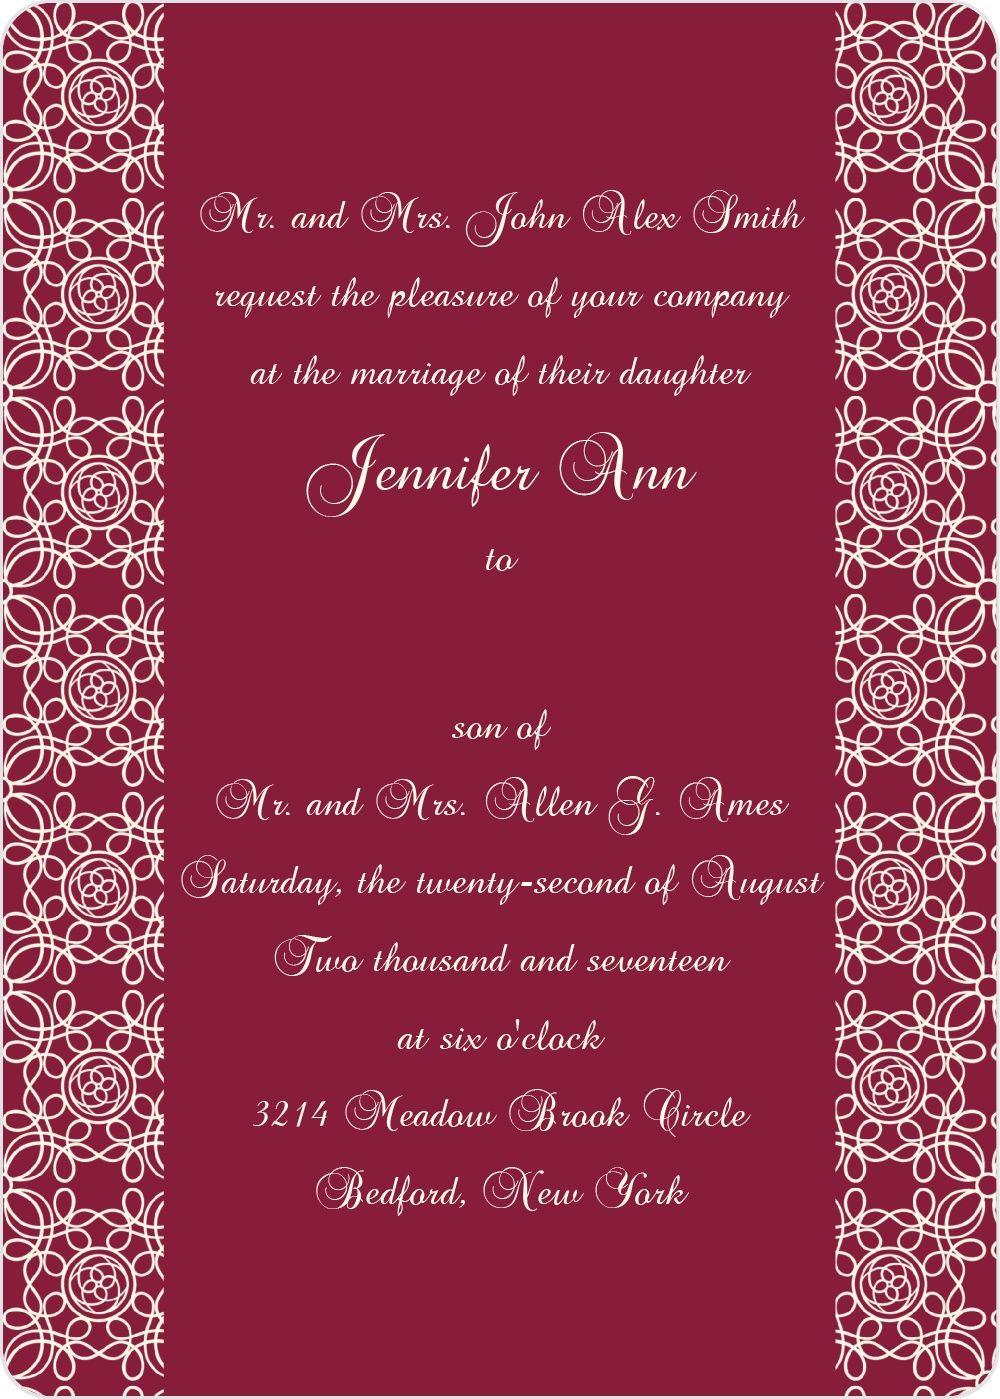 The Damask Sides Wedding Invitation | Damasks, Photo wedding ...